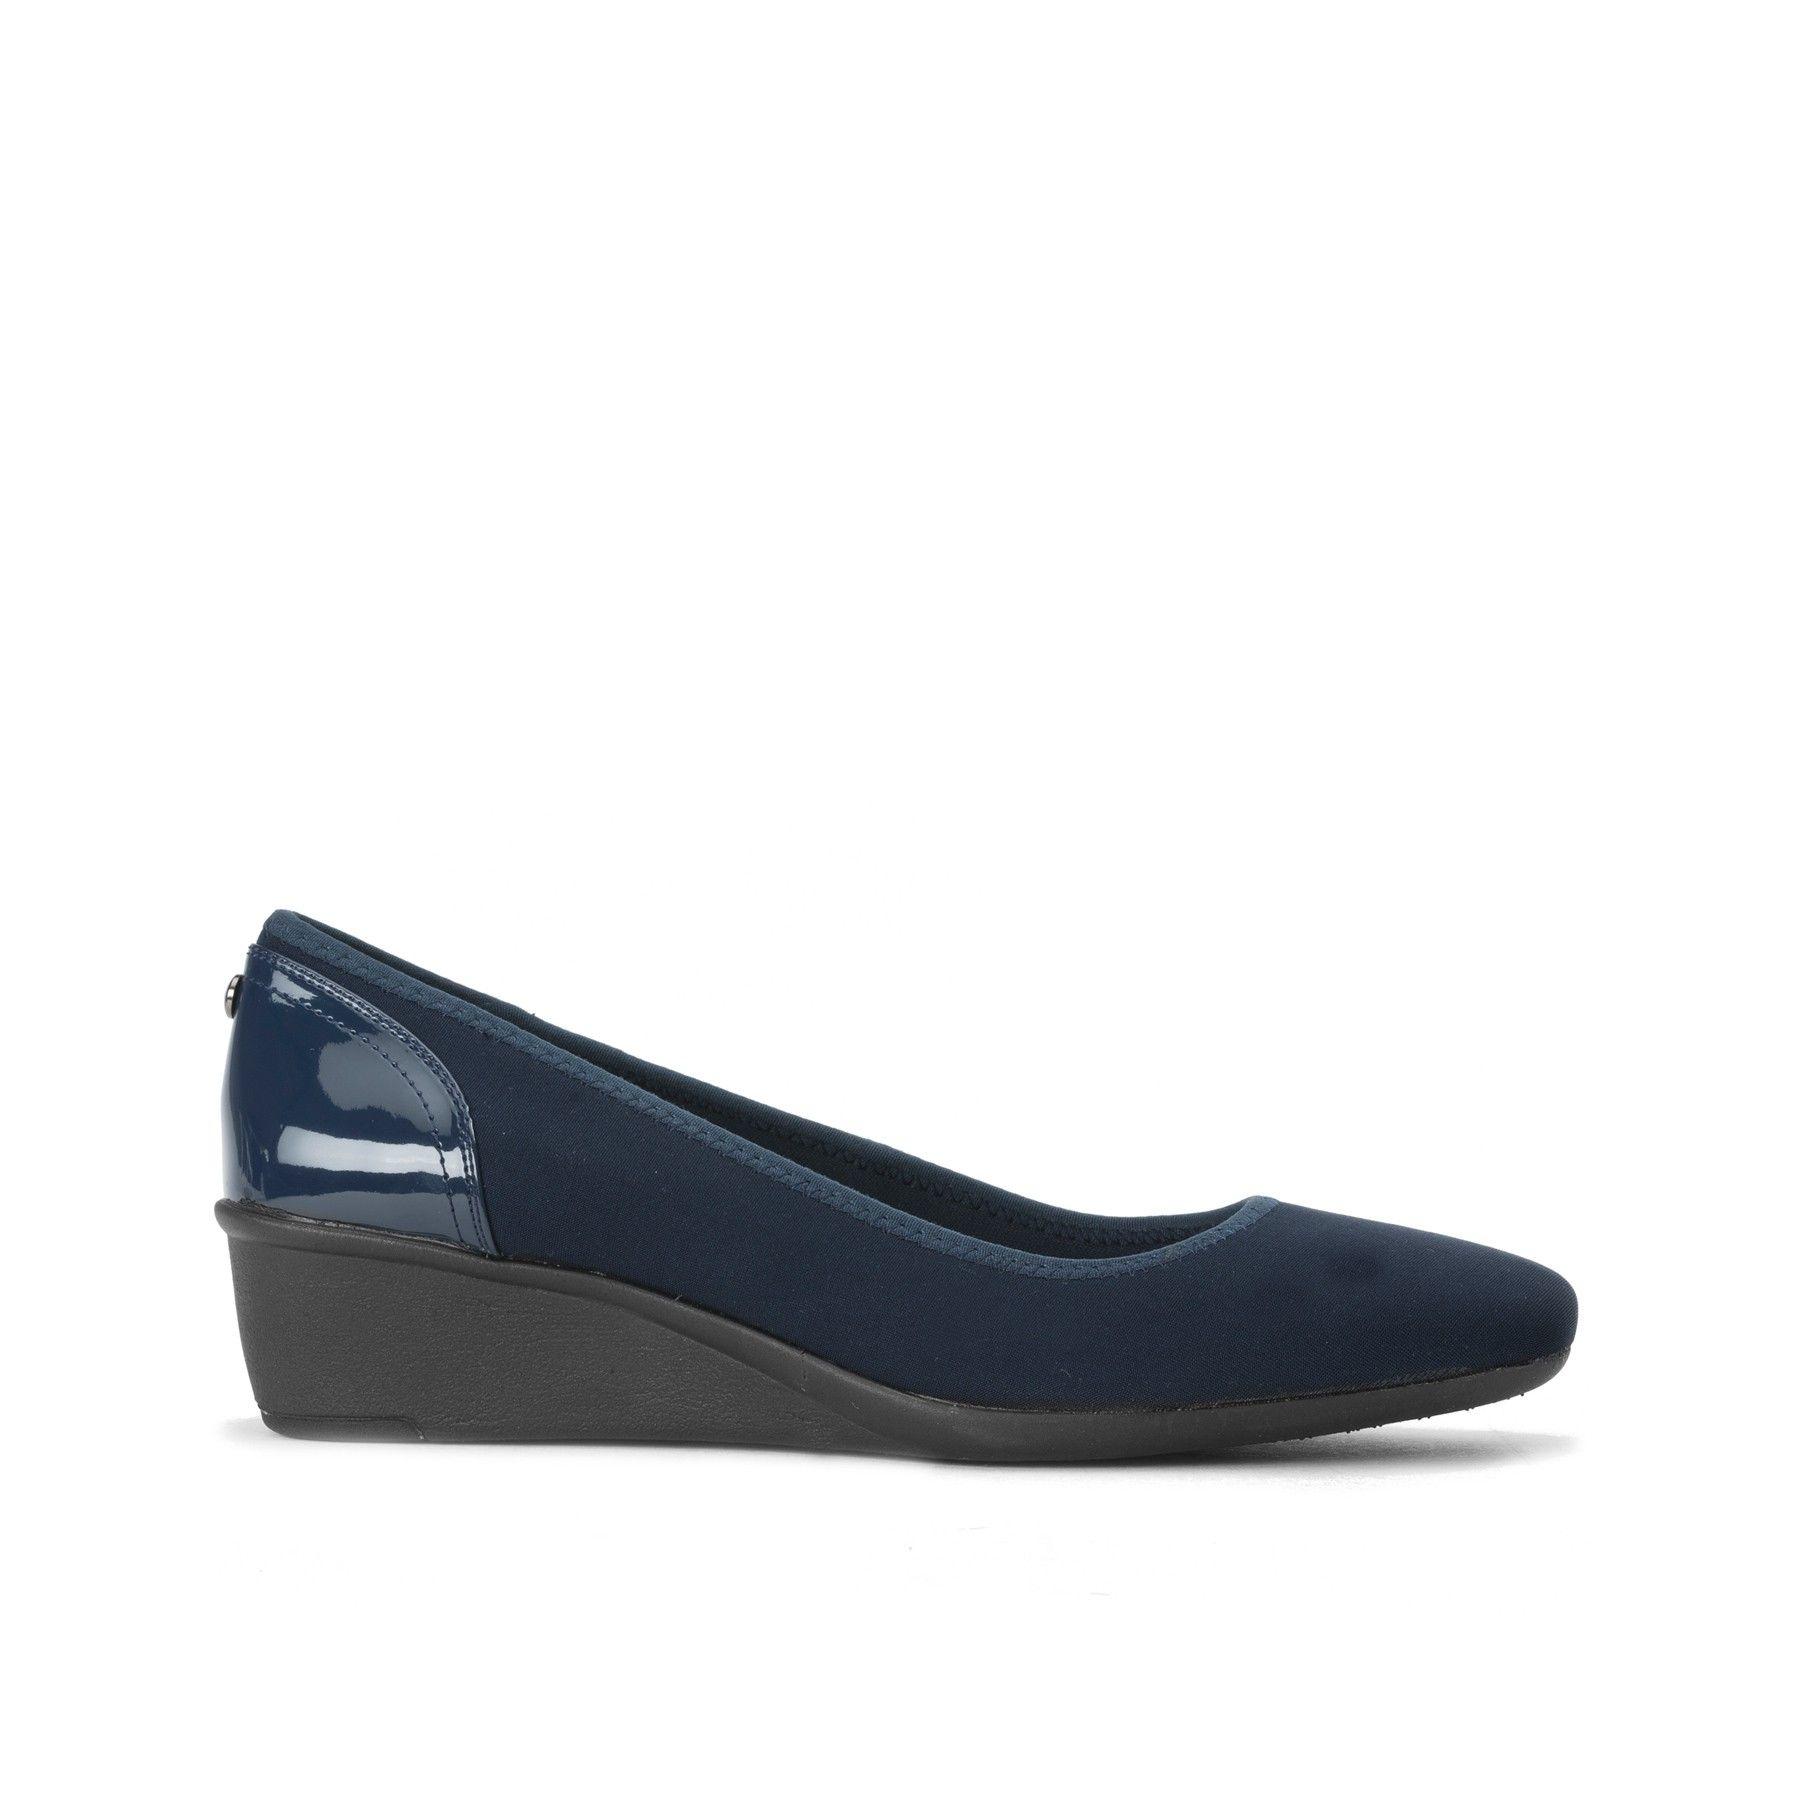 3a9bce0bf6676 Zapato Anne Klein elaborado en textil color azul marino con punta  redondeada tacón de cuña y